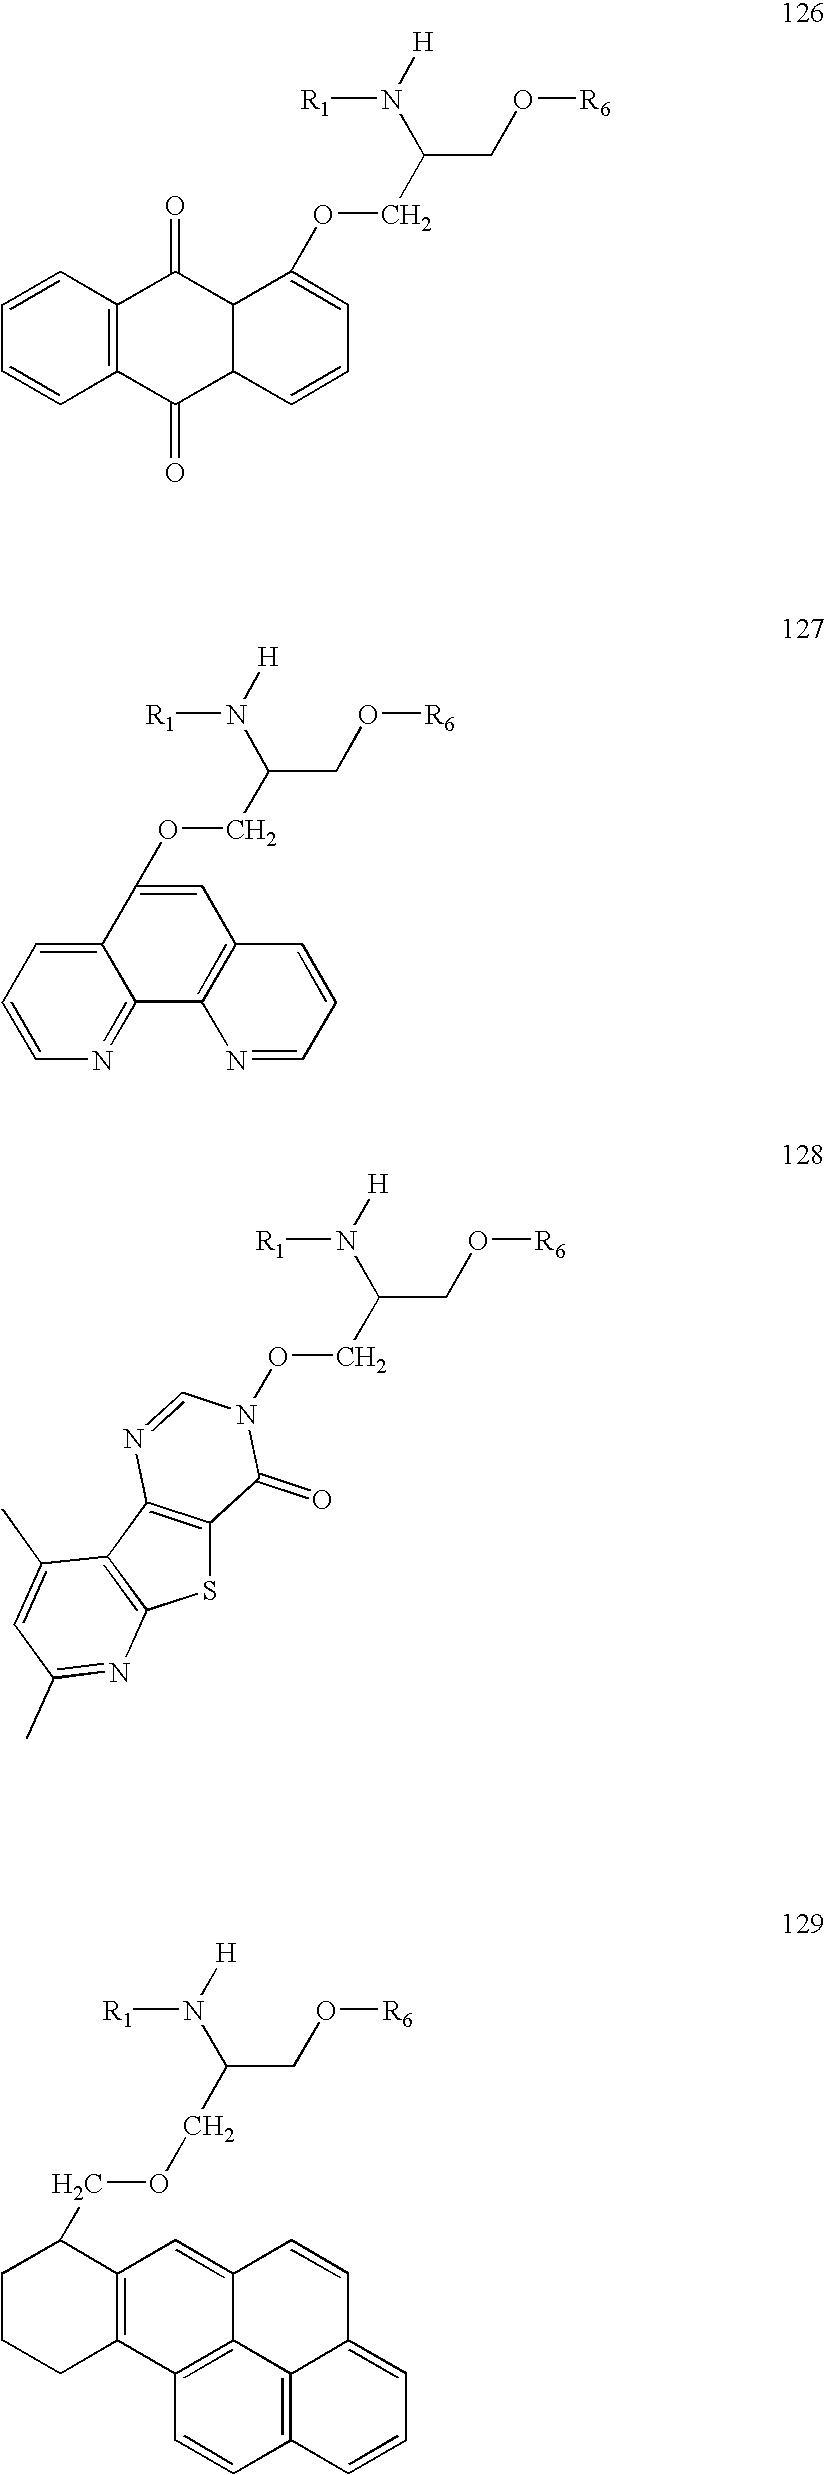 Figure US20060014144A1-20060119-C00115